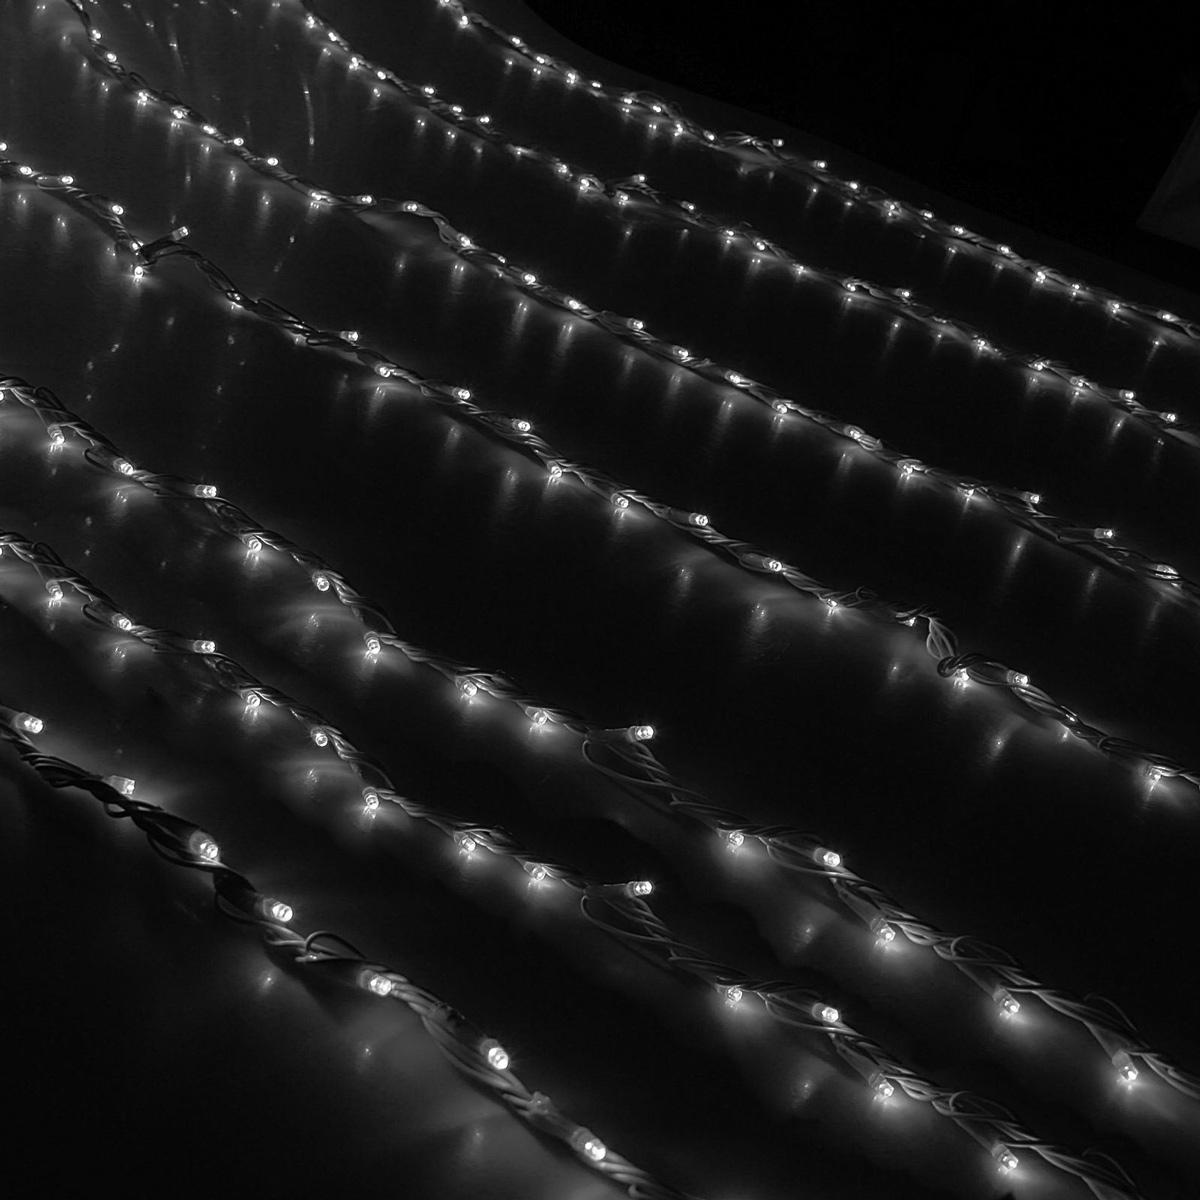 Гирлянда светодиодная Luazon Дождь, уличная, 1500 ламп, 220 V, цвет: белый, 2 х 6 м. 10802071080207Светодиодные гирлянды, ленты и т.д — это отличный вариант для новогоднего оформления интерьера или фасада. С их помощью помещение любого размера можно превратить в праздничный зал, а внешние элементы зданий, украшенные ими, мгновенно станут напоминать очертания сказочного дворца. Такие украшения создают ауру предвкушения чуда. Деревья, фасады, витрины, окна и арки будто специально созданы, чтобы вы украсили их светящимися нитями.